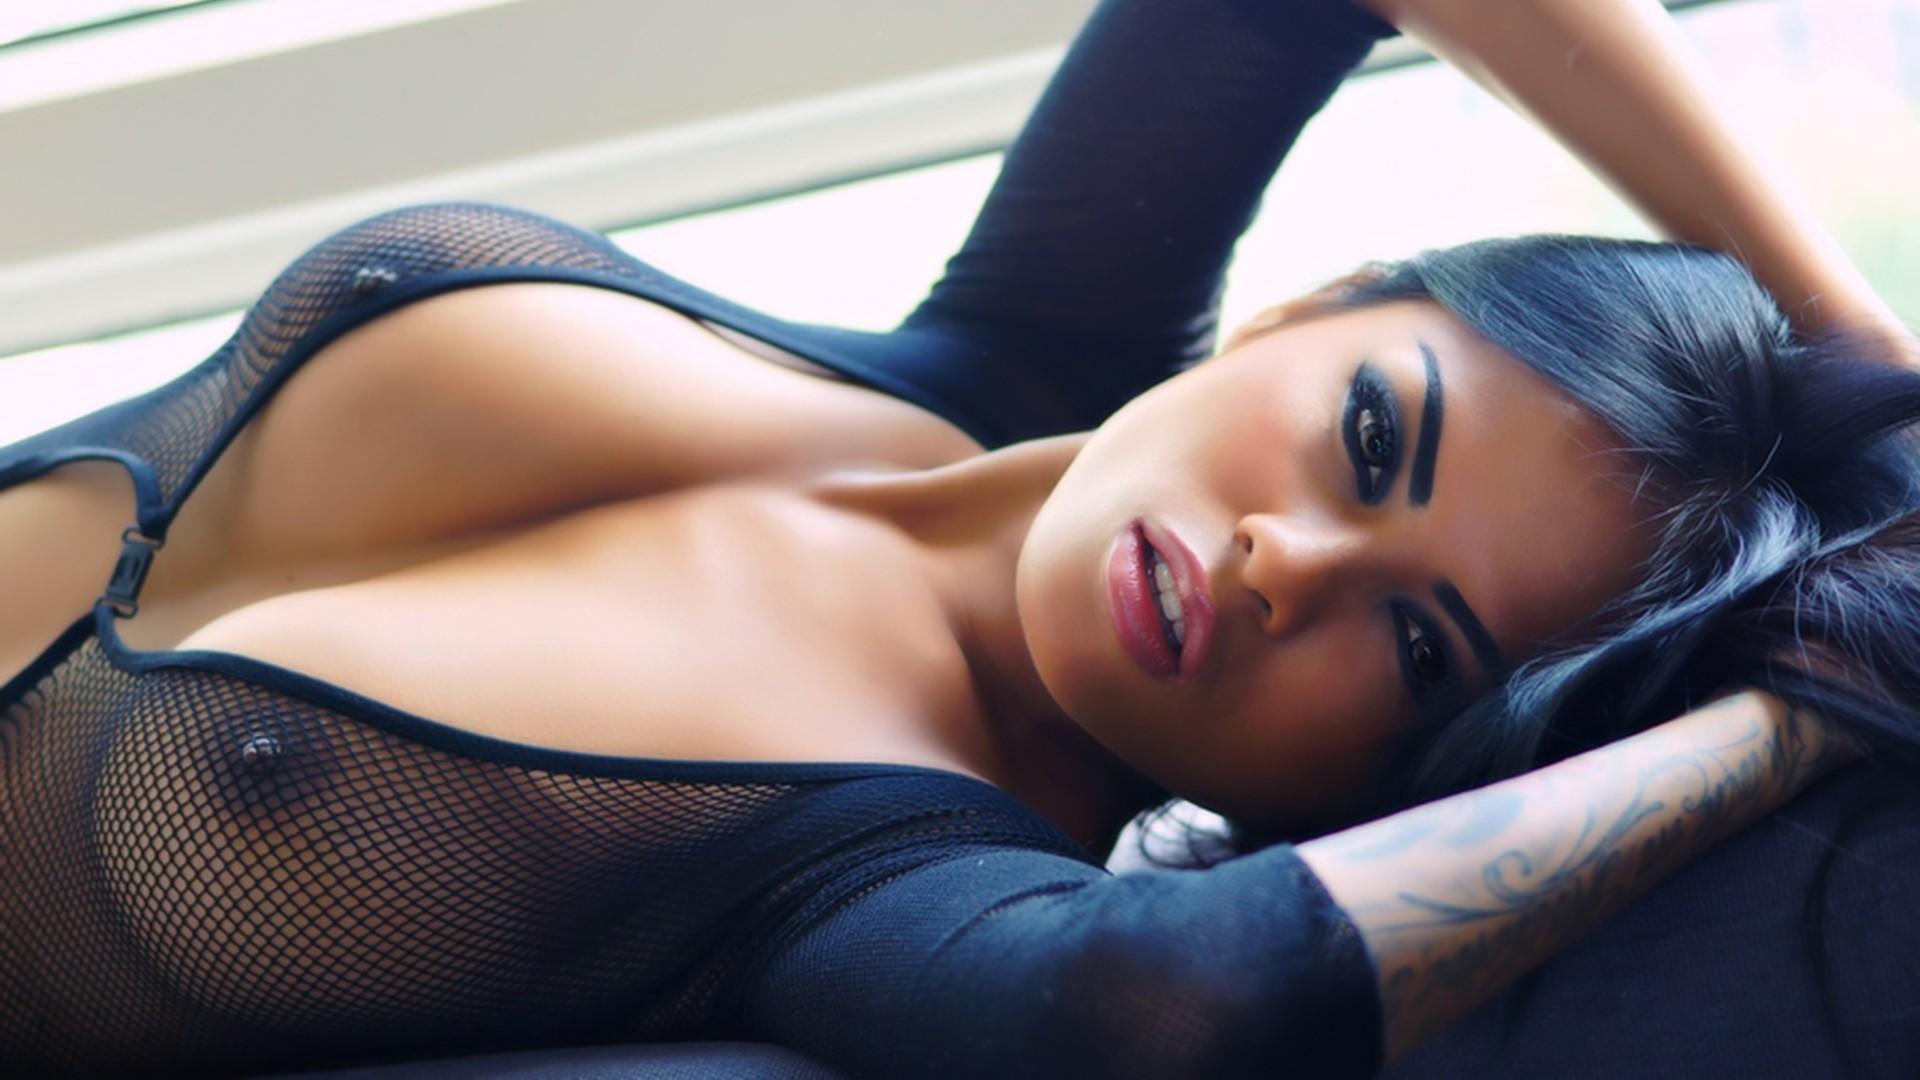 девушки секси фото hd